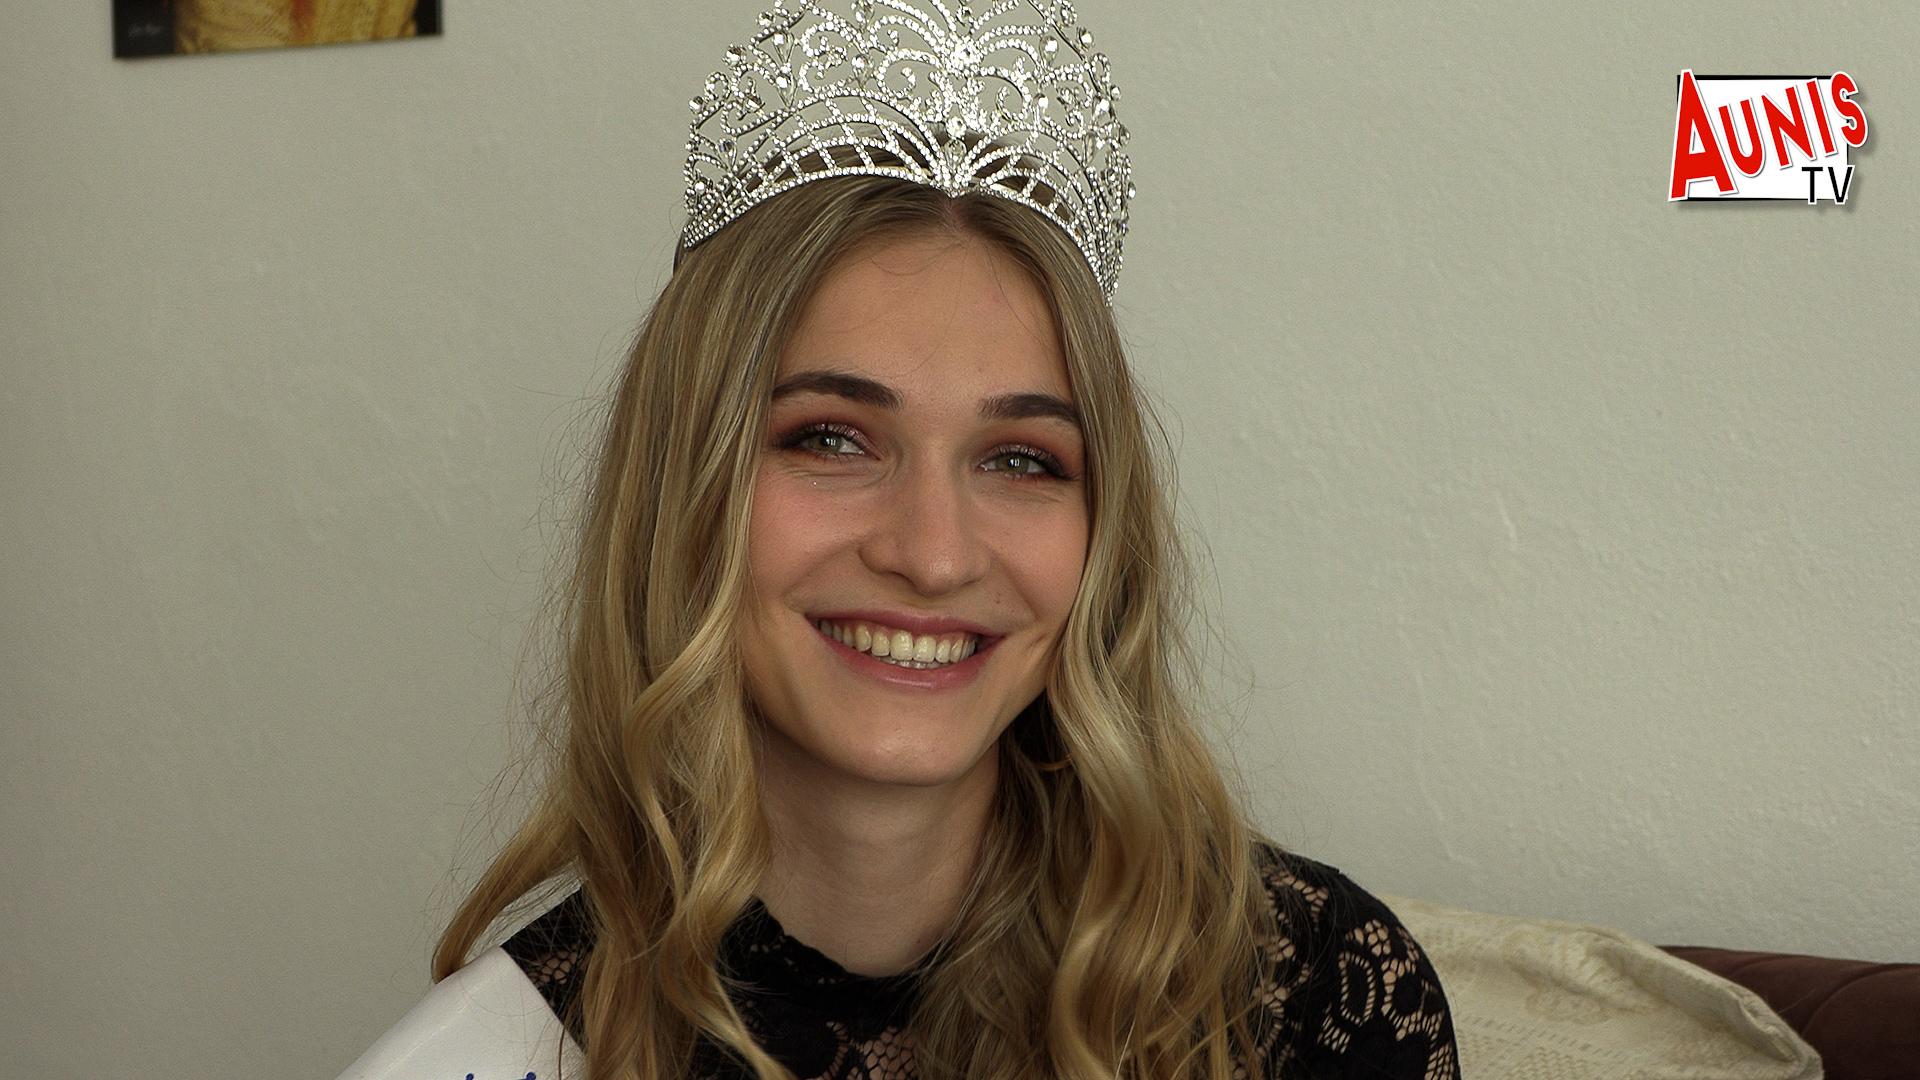 Kiara Baratta Miss Poitou Charentes 2020 à Marans Bourgoin AunisTV